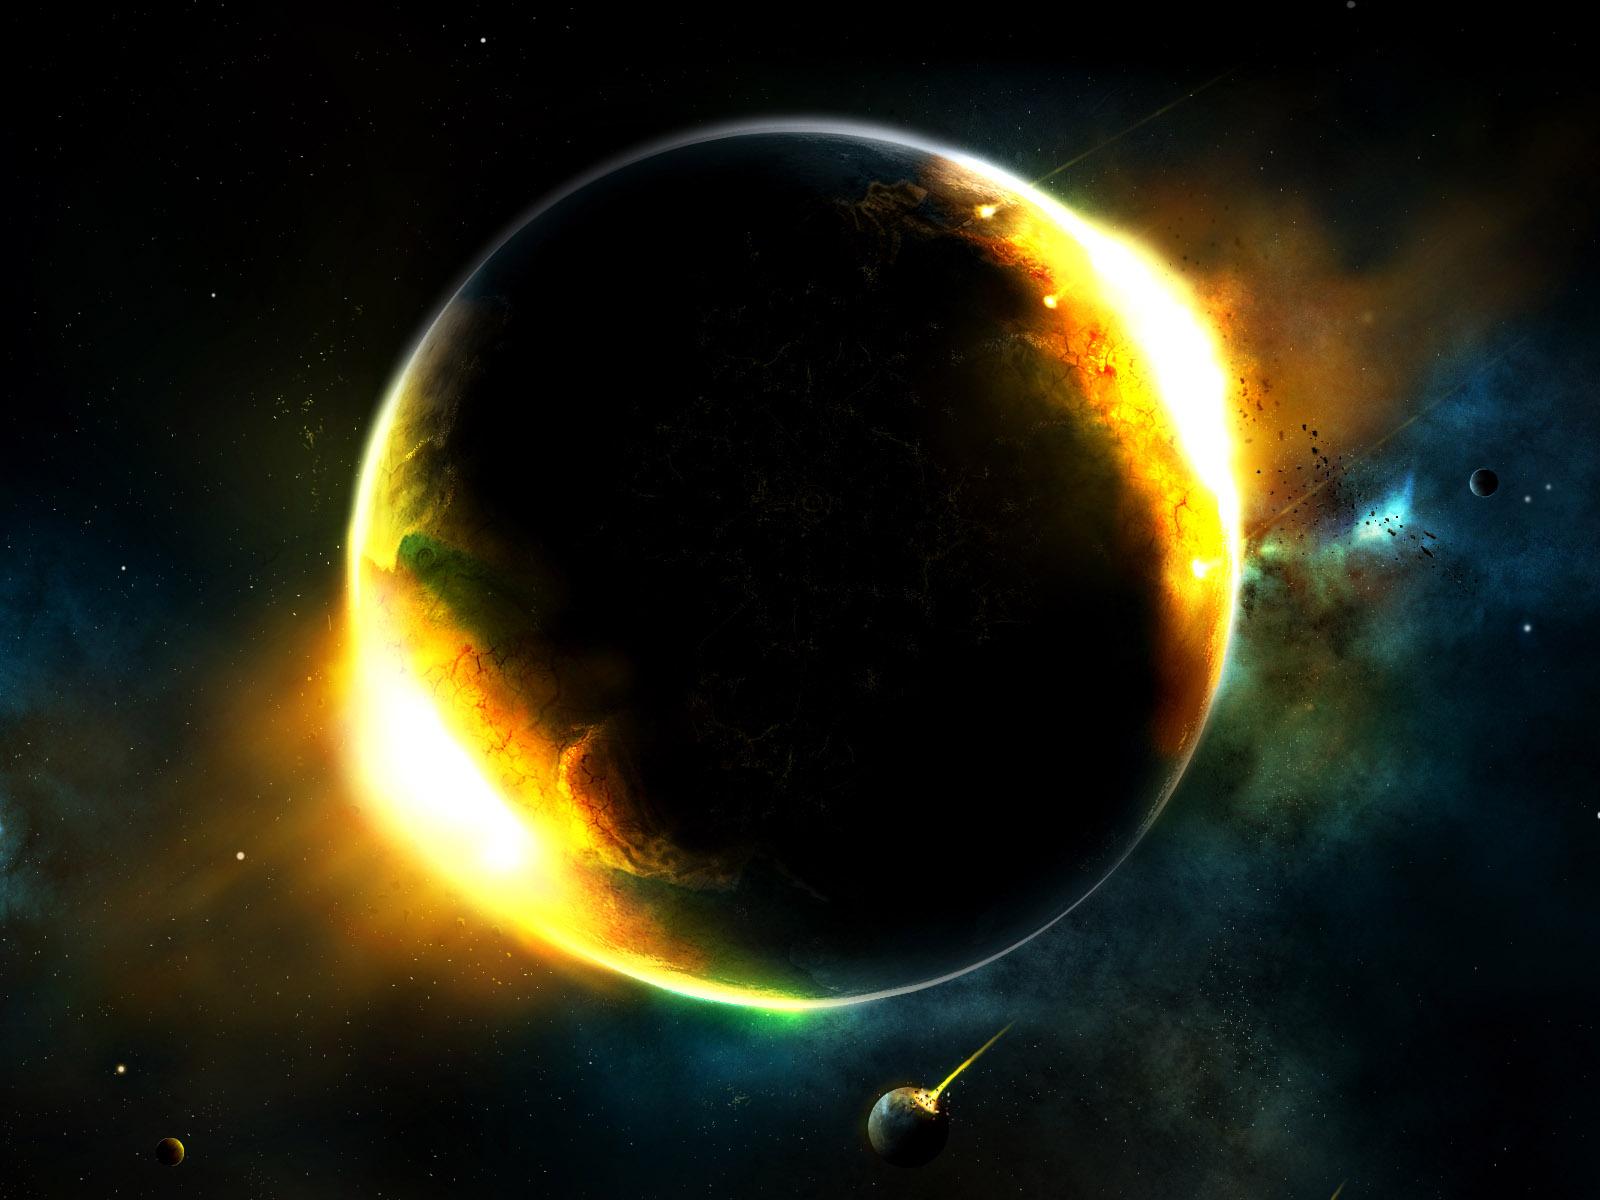 http://2.bp.blogspot.com/-s0a5JXL9sFo/Tnn0k50797I/AAAAAAAAAQI/D-Cq6zIUSw4/s1600/universe_ring-normal.jpg